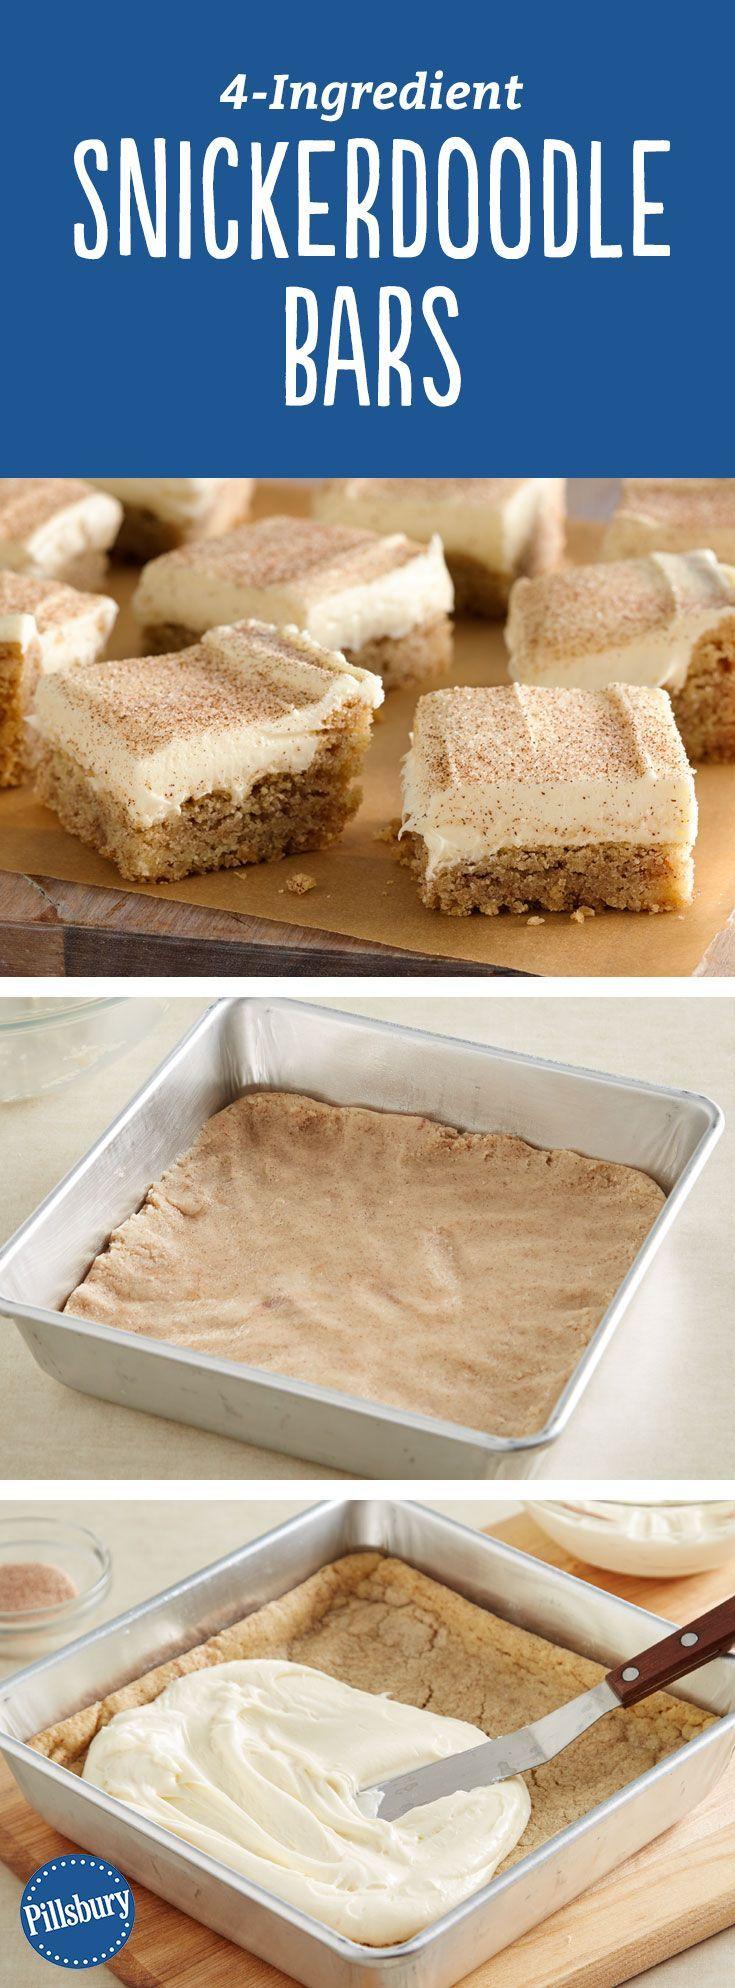 4-Zutaten-Snickerdoodle-Riegel 4-Zutaten-Snickerdoodle-Riegel: Diese 4-Zutaten-Snickerdoodle-Riegel aus Zuckerkeksteig werden zu jeder Jahreszeit zum Favoriten.